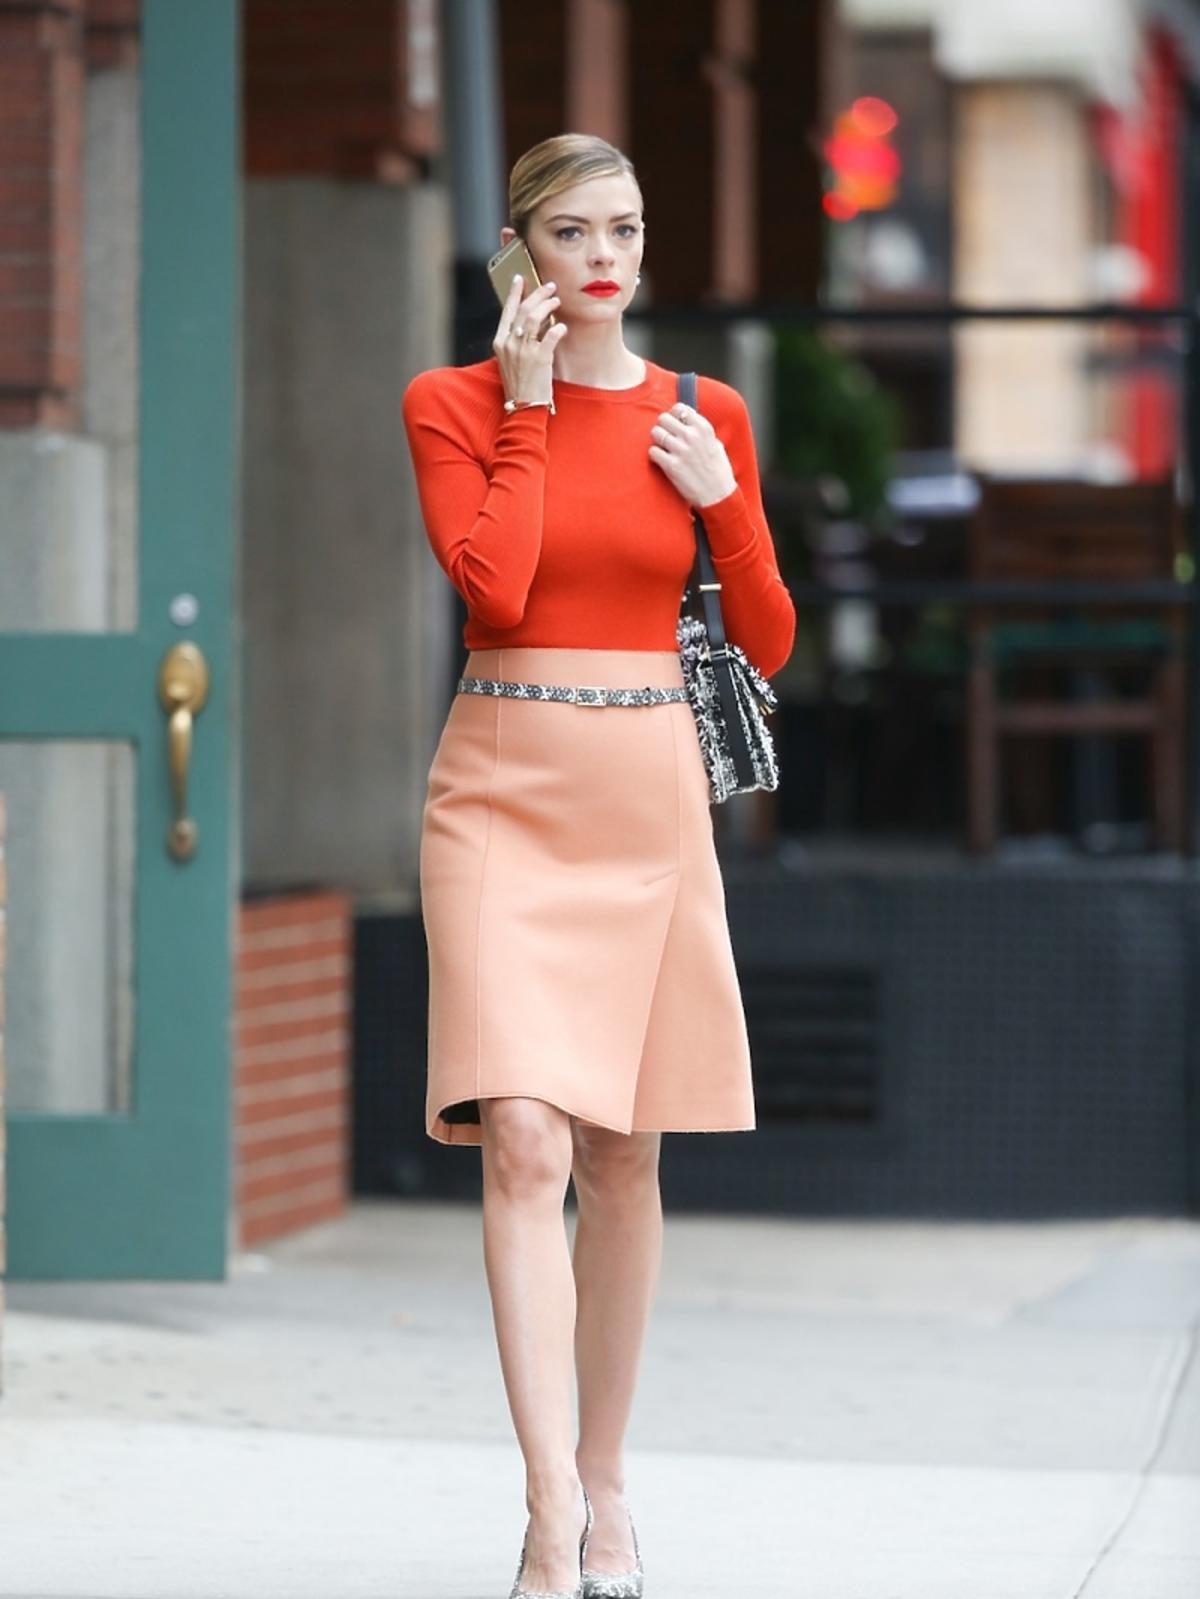 Aktorka Jaime King w bladoróżowej spódnicy i oranżowym topie przechadza się po mieście